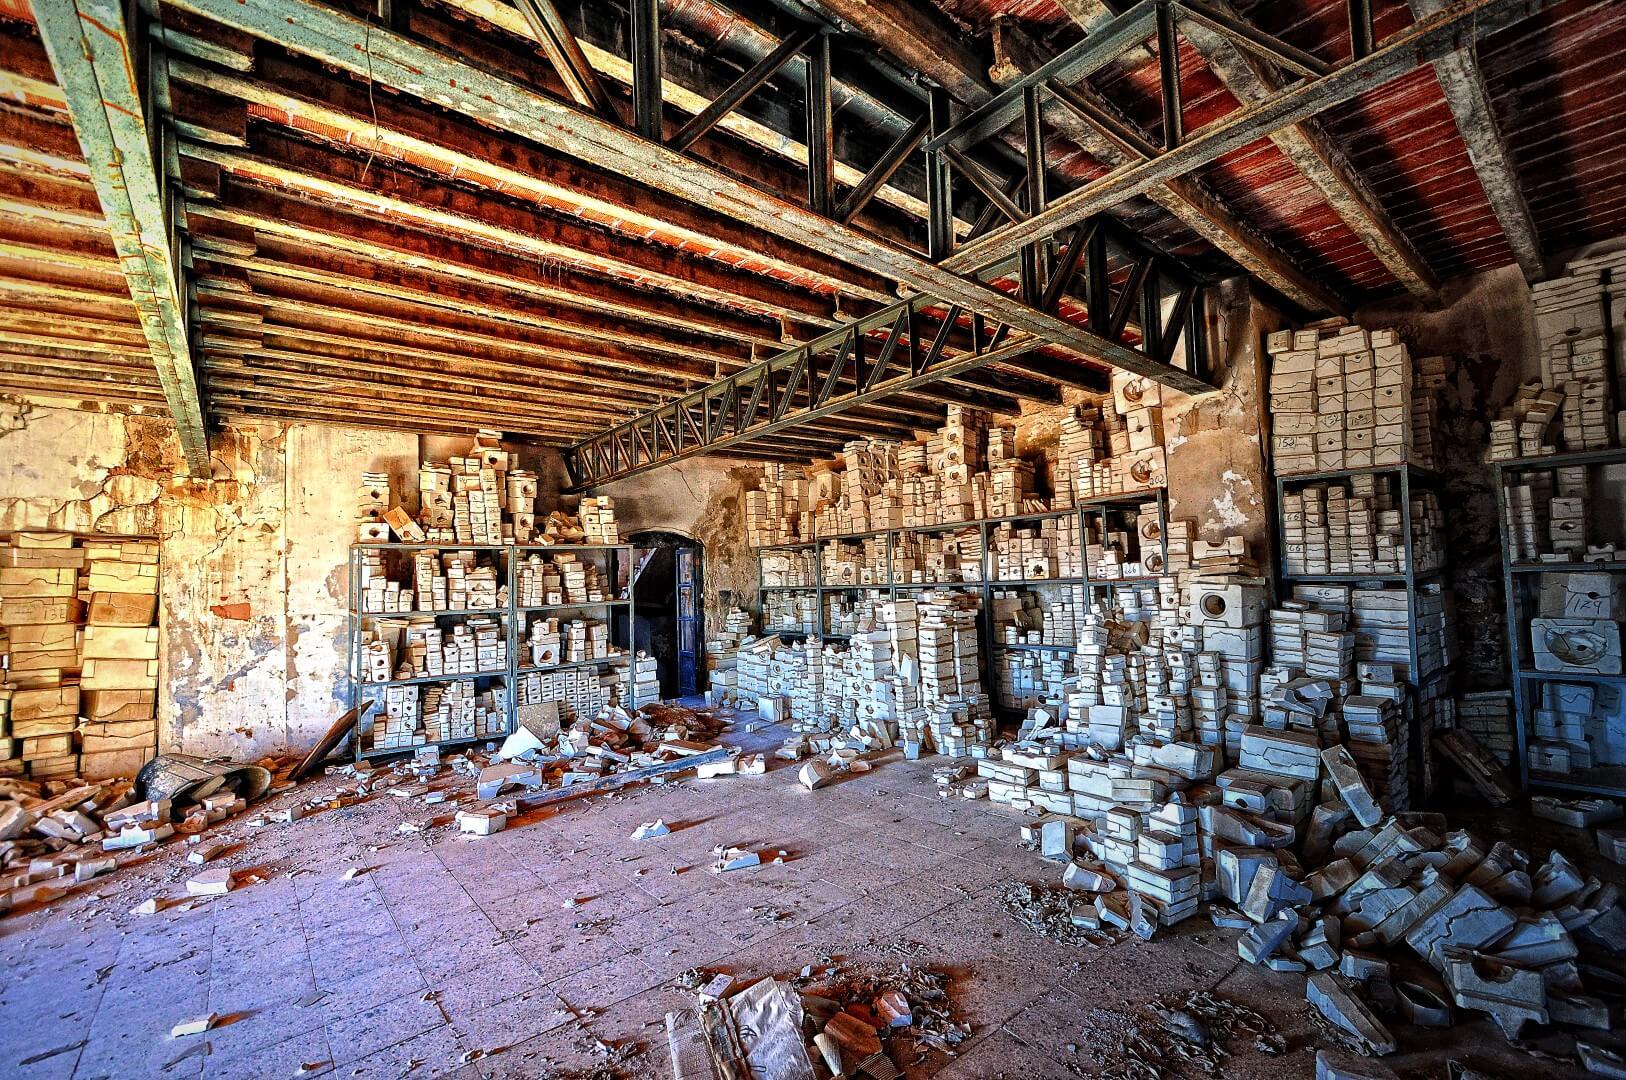 Visitar una fábrica de muñecas abandonada en Segorbe (Castellón) puede ser un buen plan alternativo para este verano.